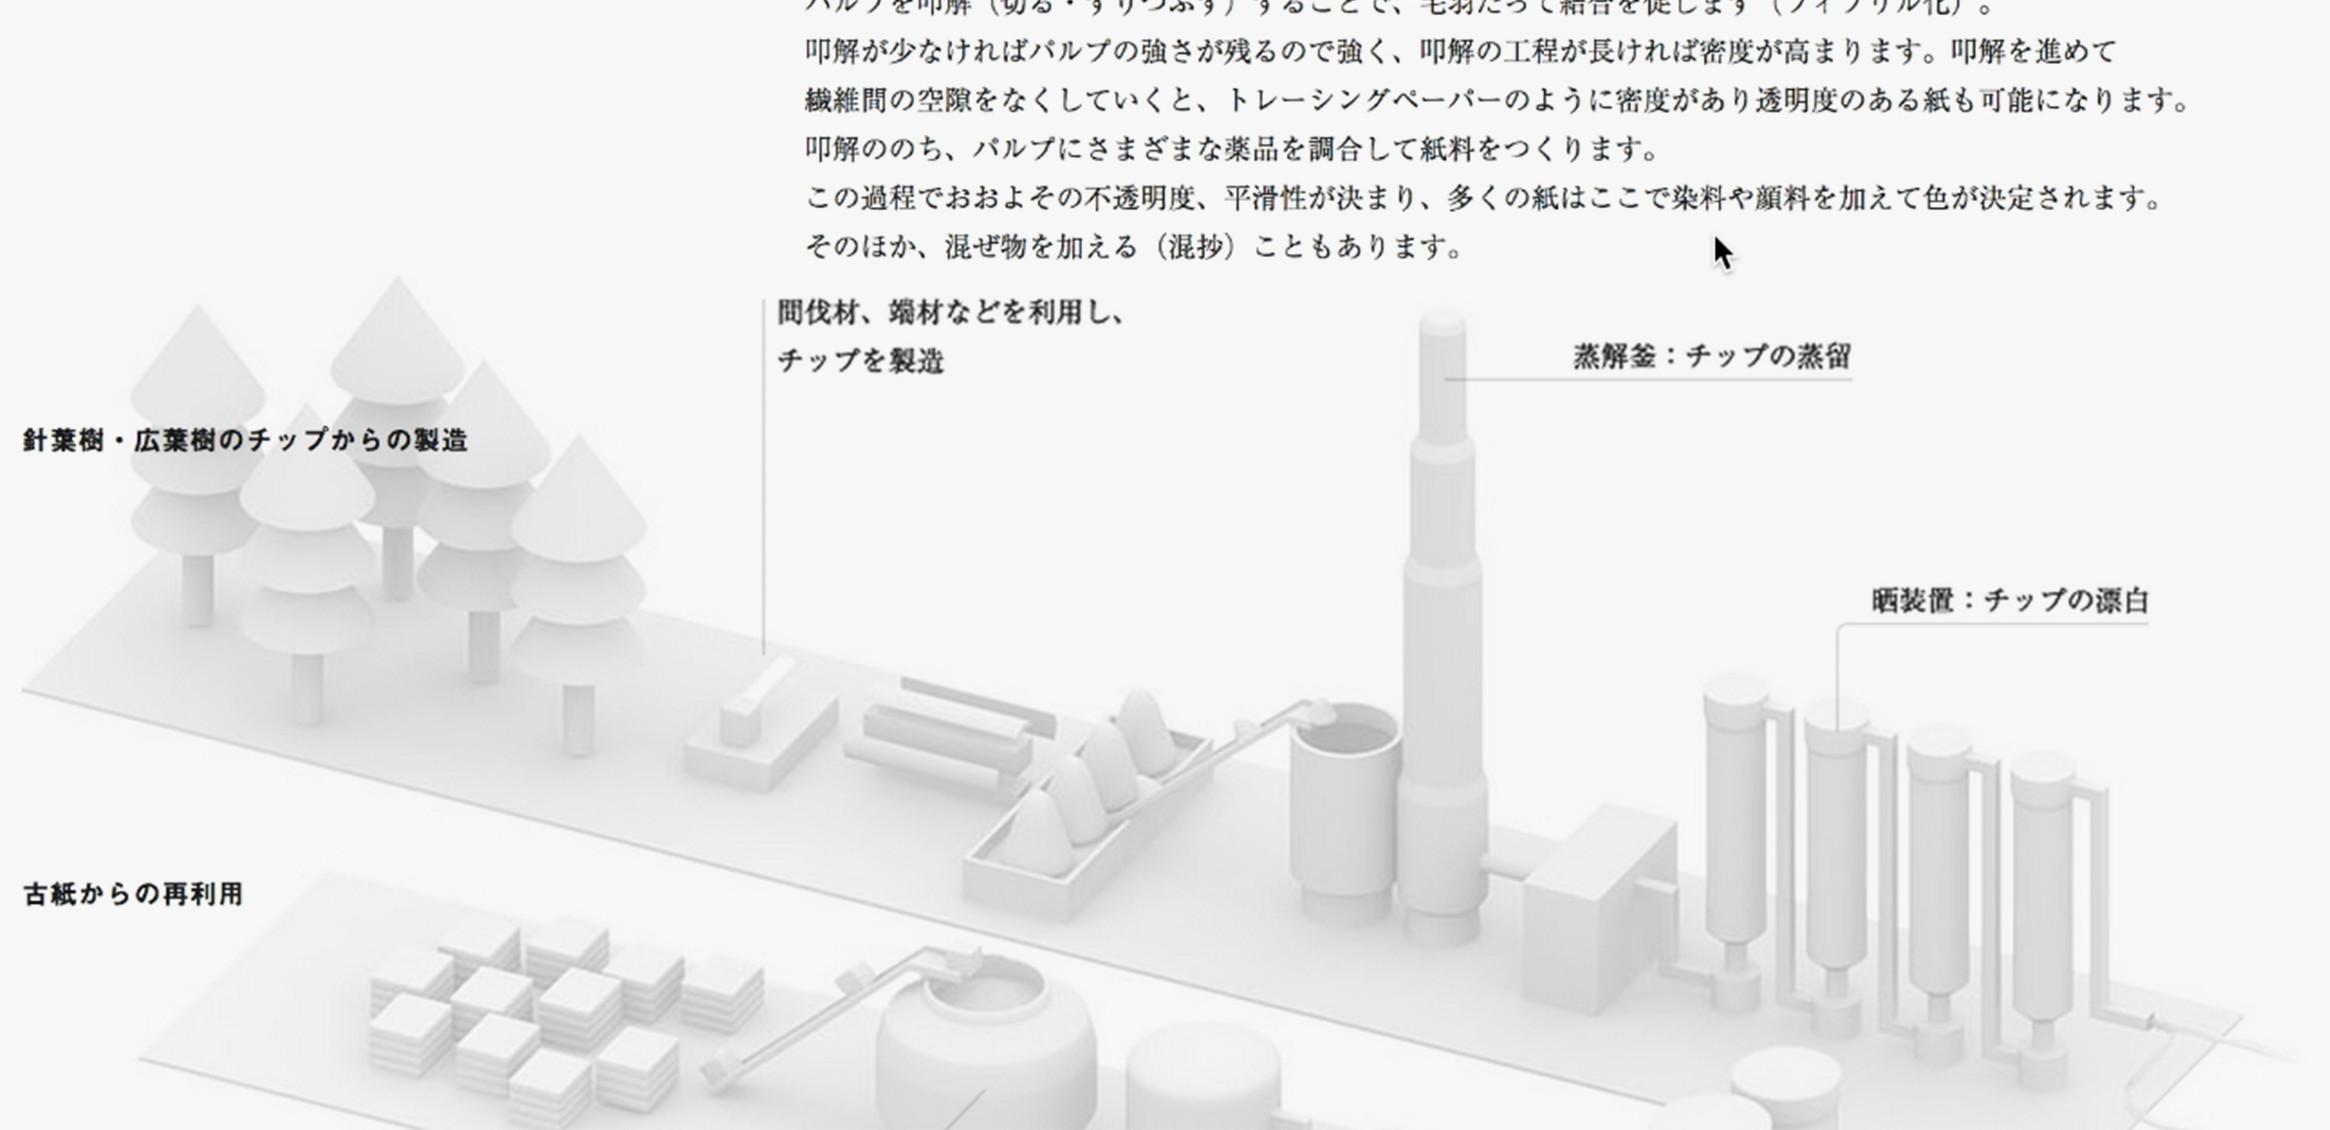 竹尾コーポレートサイト 動画0枚目